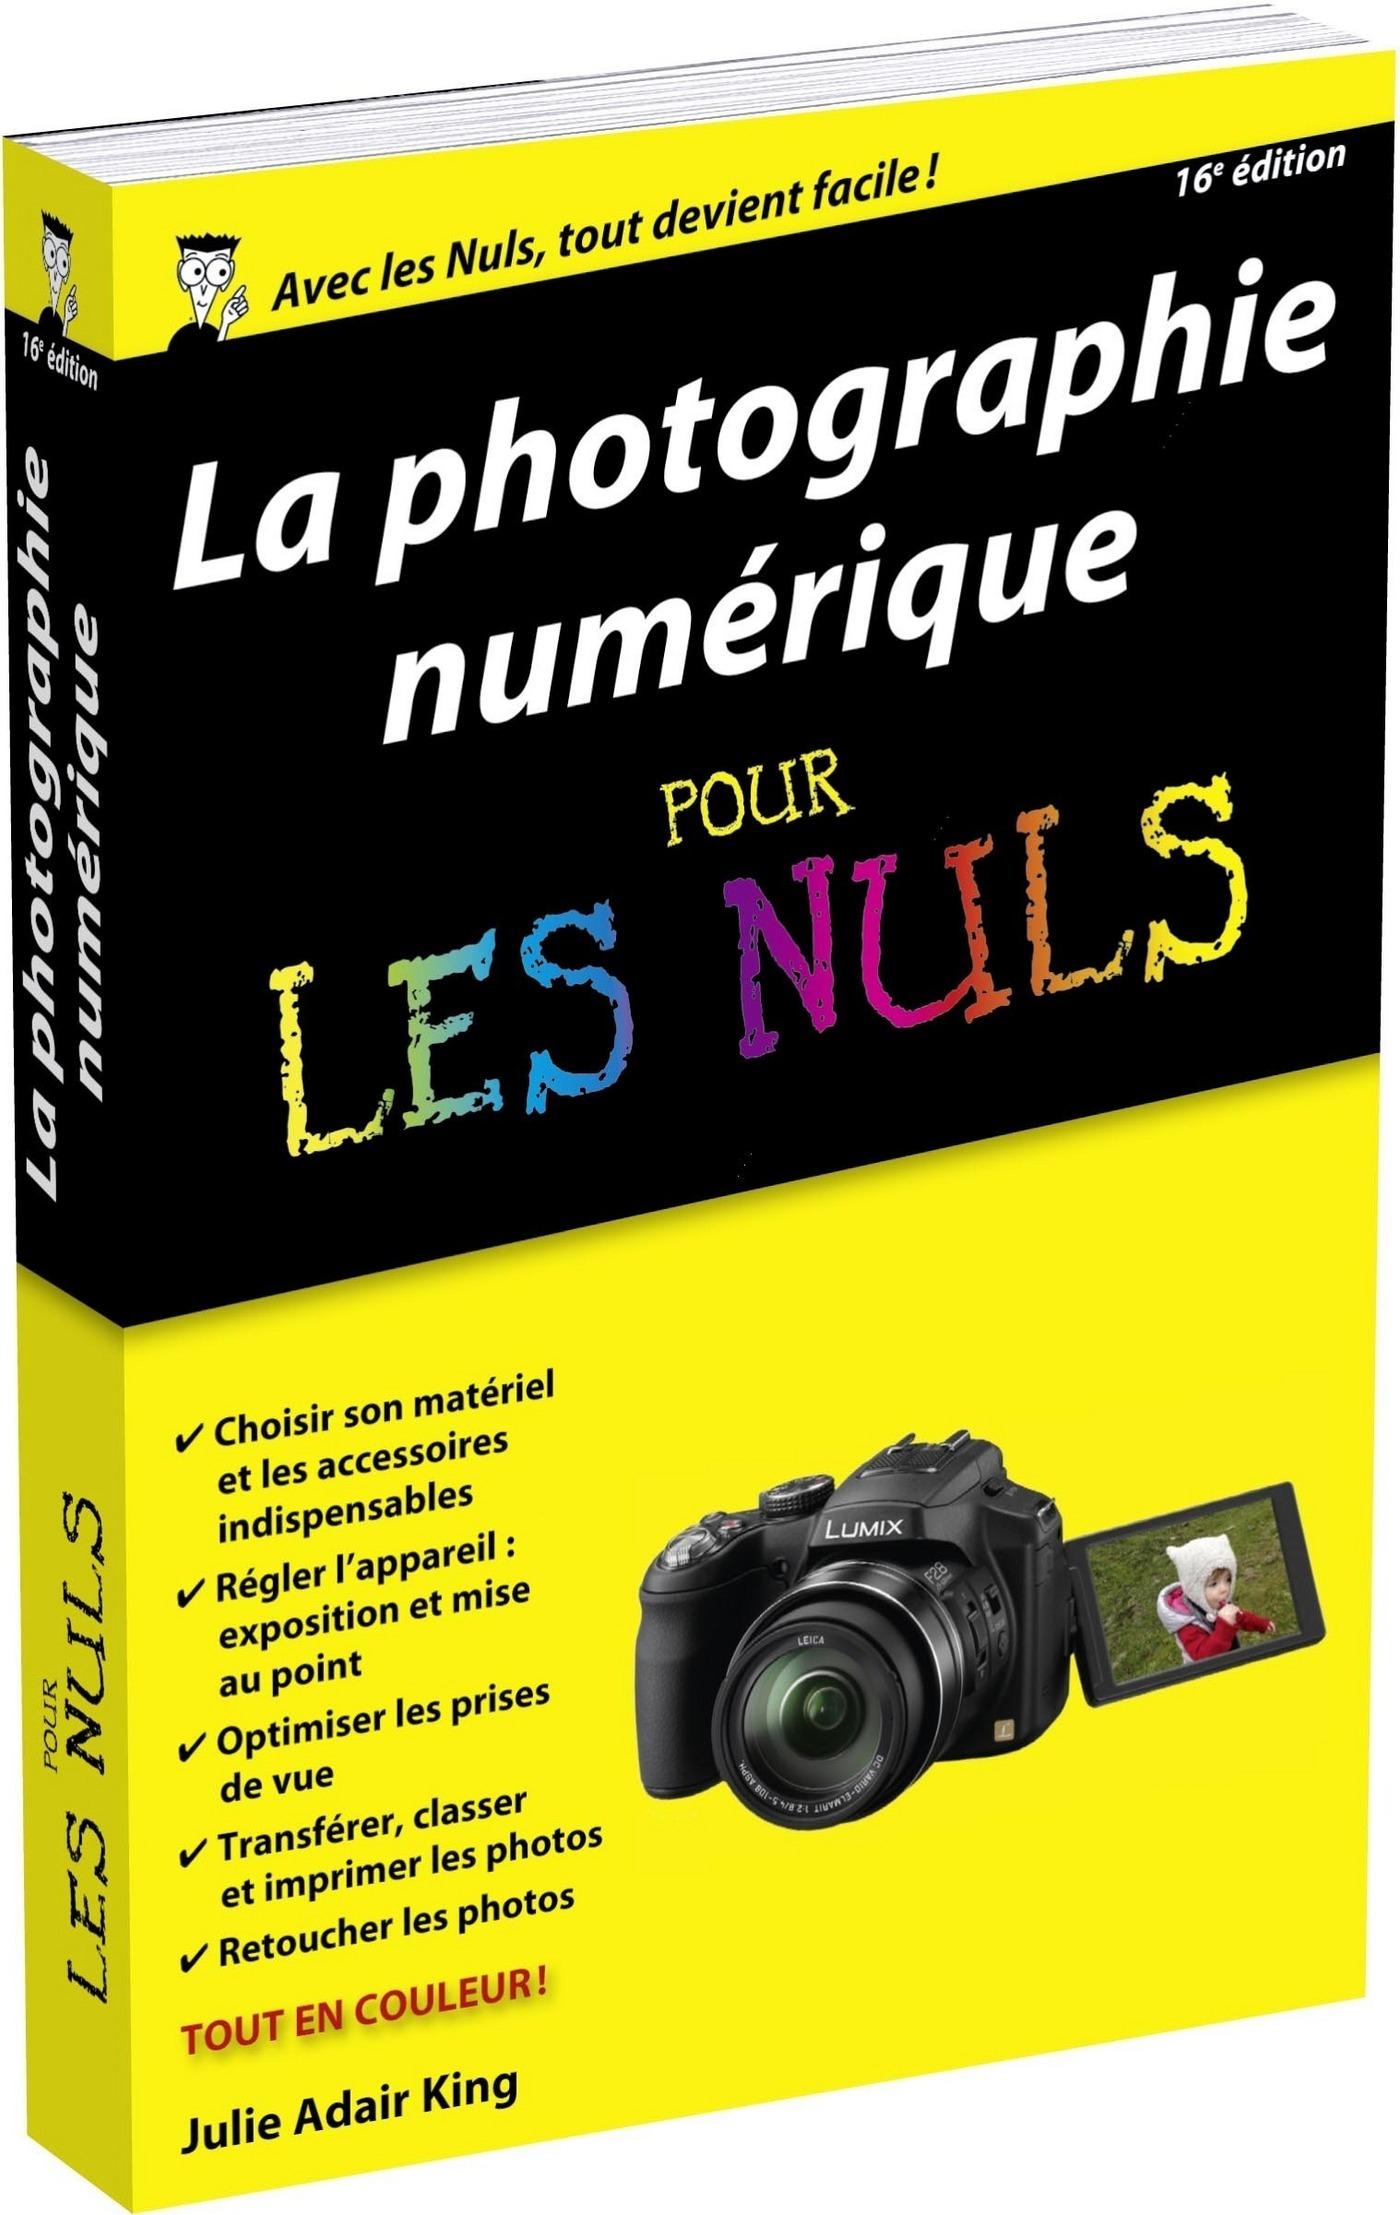 Photo numérique pour les Nuls, poche, 16e | ADAIR KING, Julie